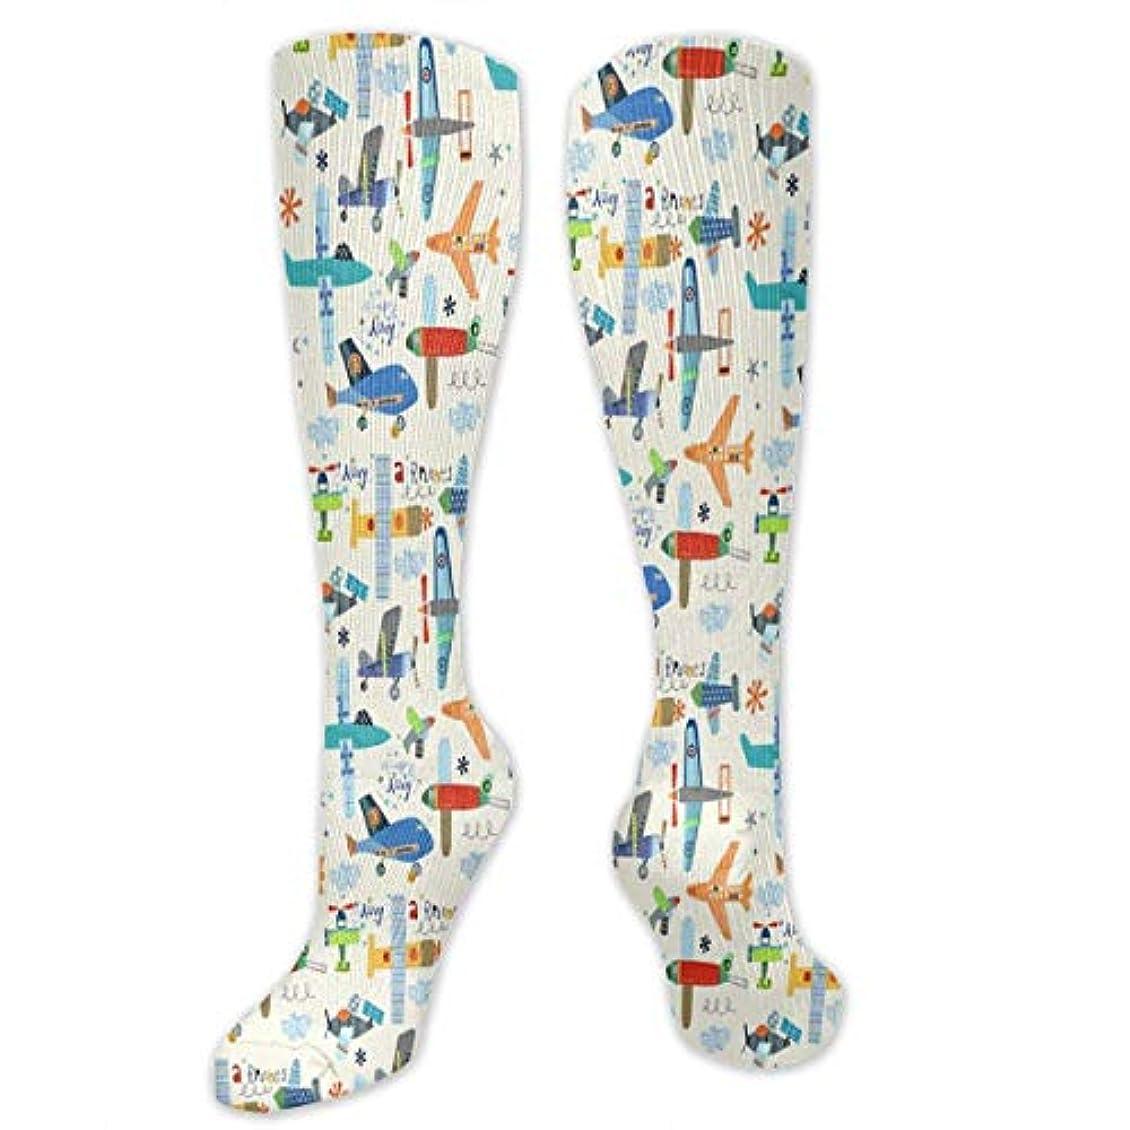 オーブン学士その結果靴下,ストッキング,野生のジョーカー,実際,秋の本質,冬必須,サマーウェア&RBXAA Flying Airplane Patterns Socks Women's Winter Cotton Long Tube Socks...